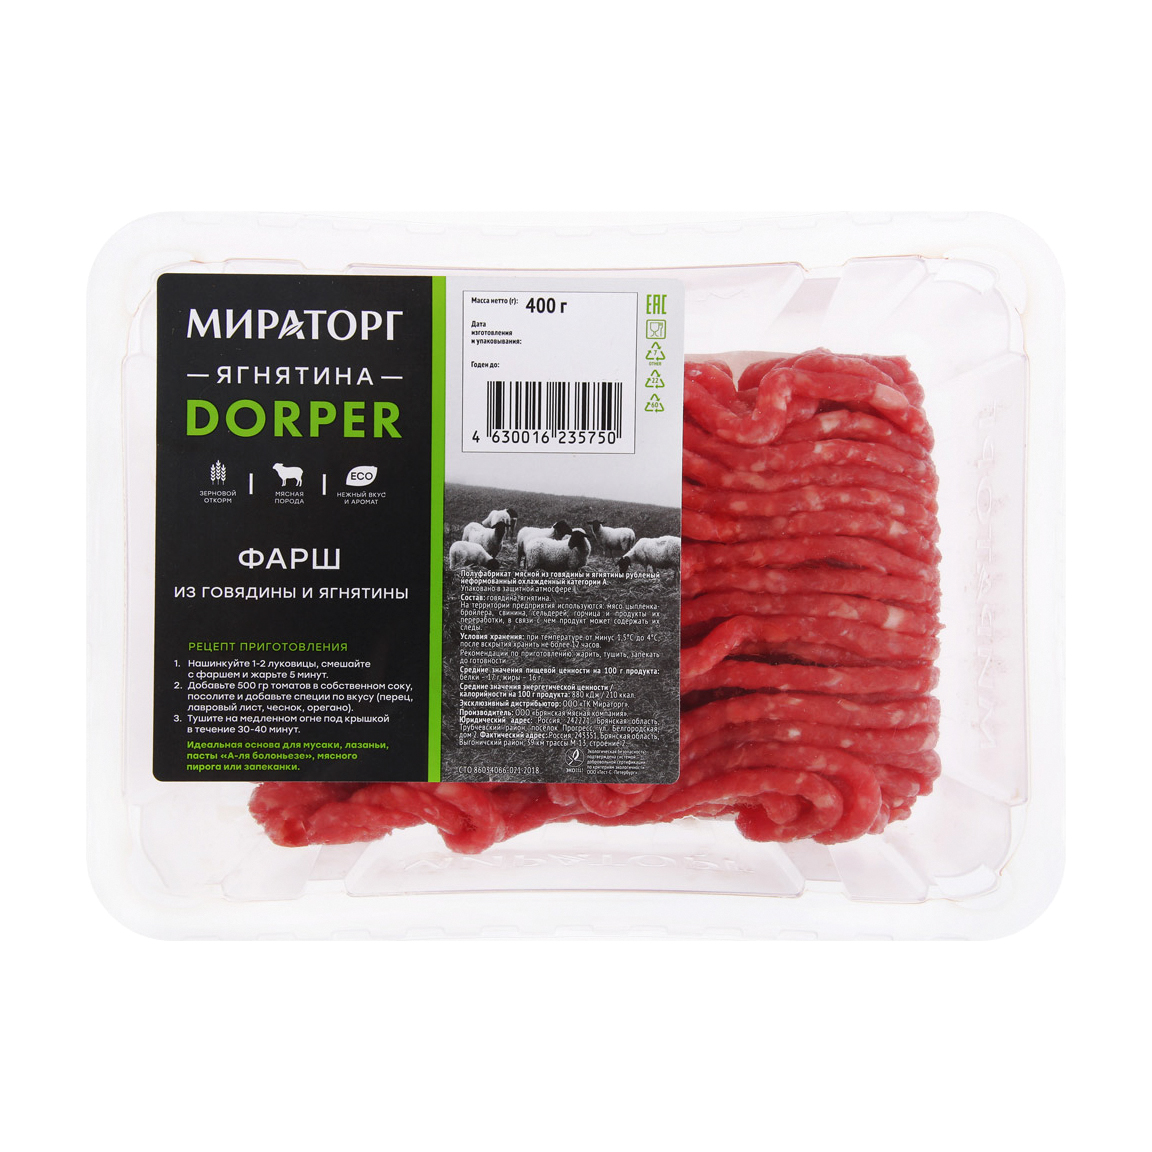 Фарш из говядины и ягнятины Мираторг Dorper 400 г